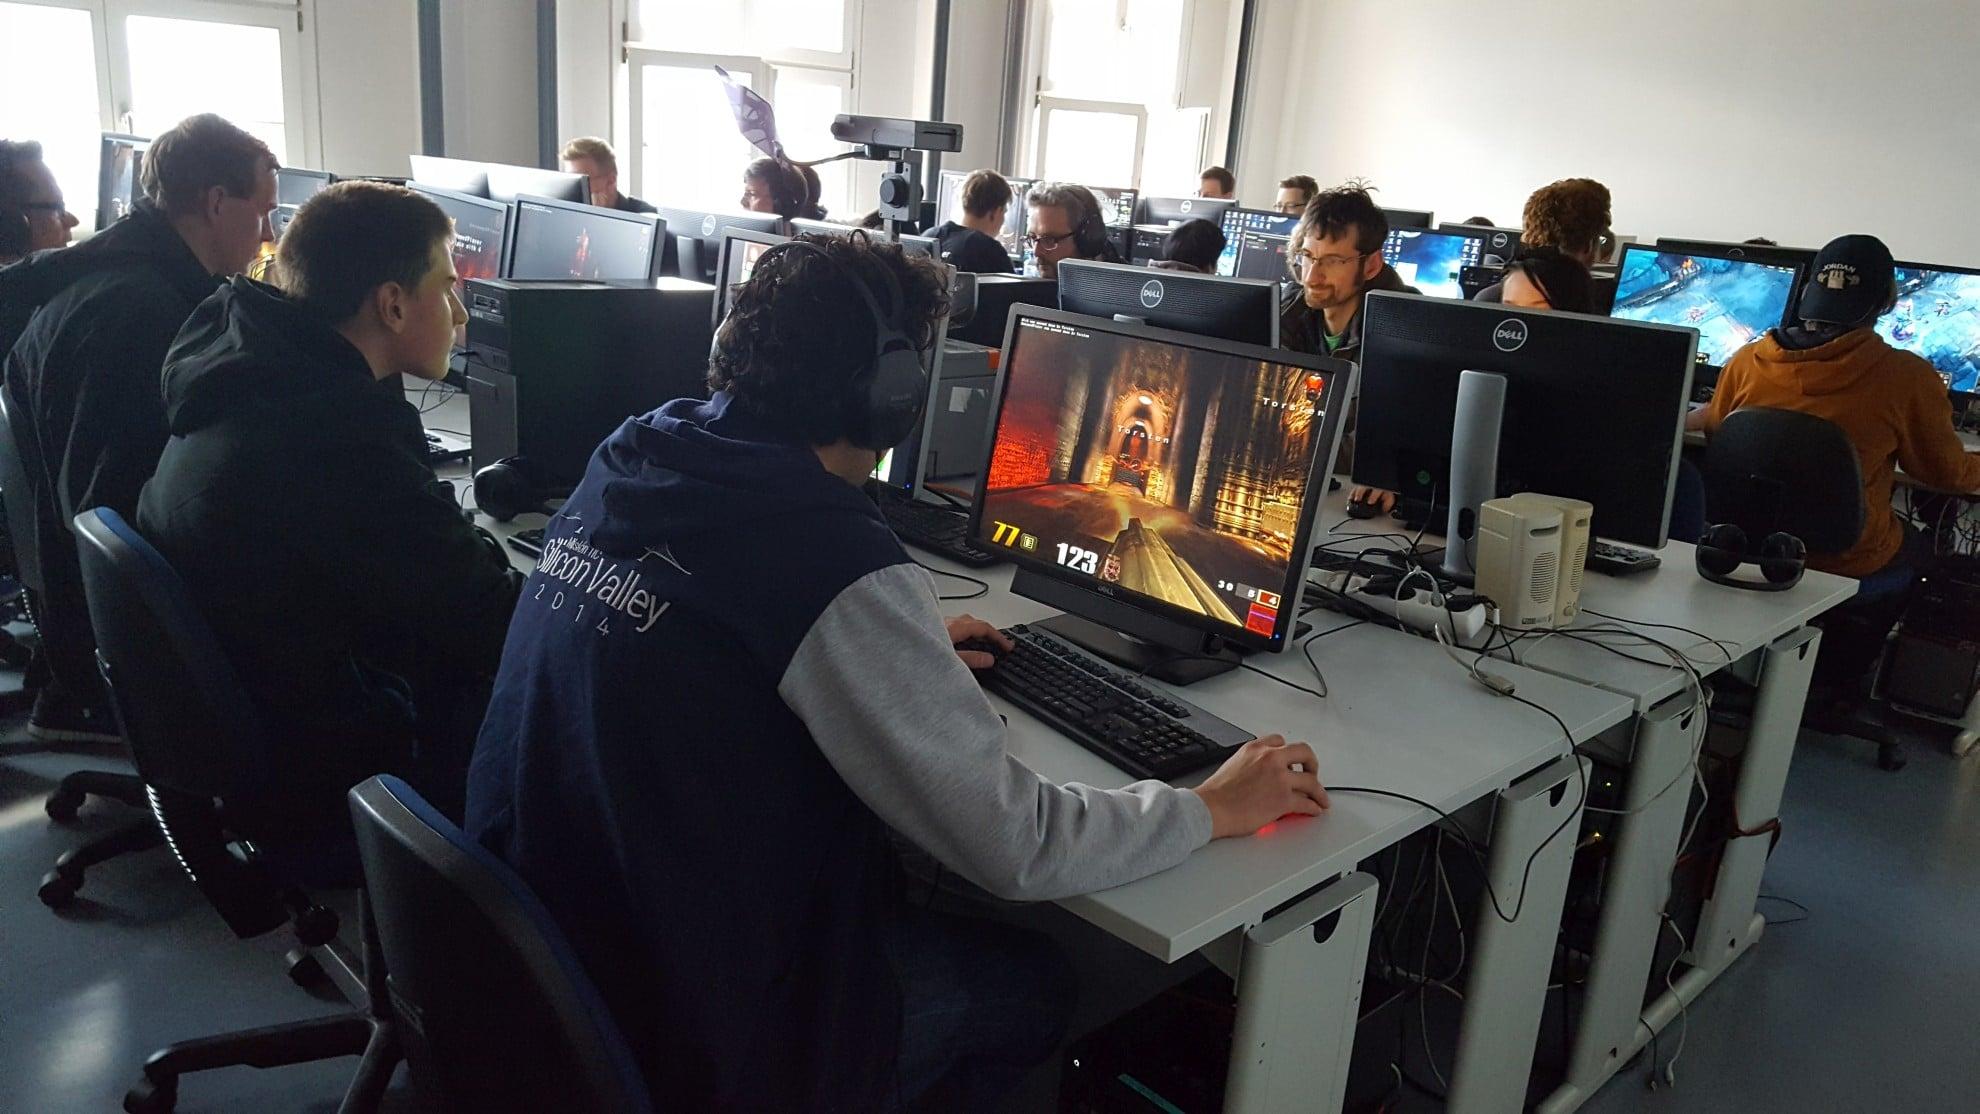 Zockende Leute. (Foto: GamingGadgets.de)